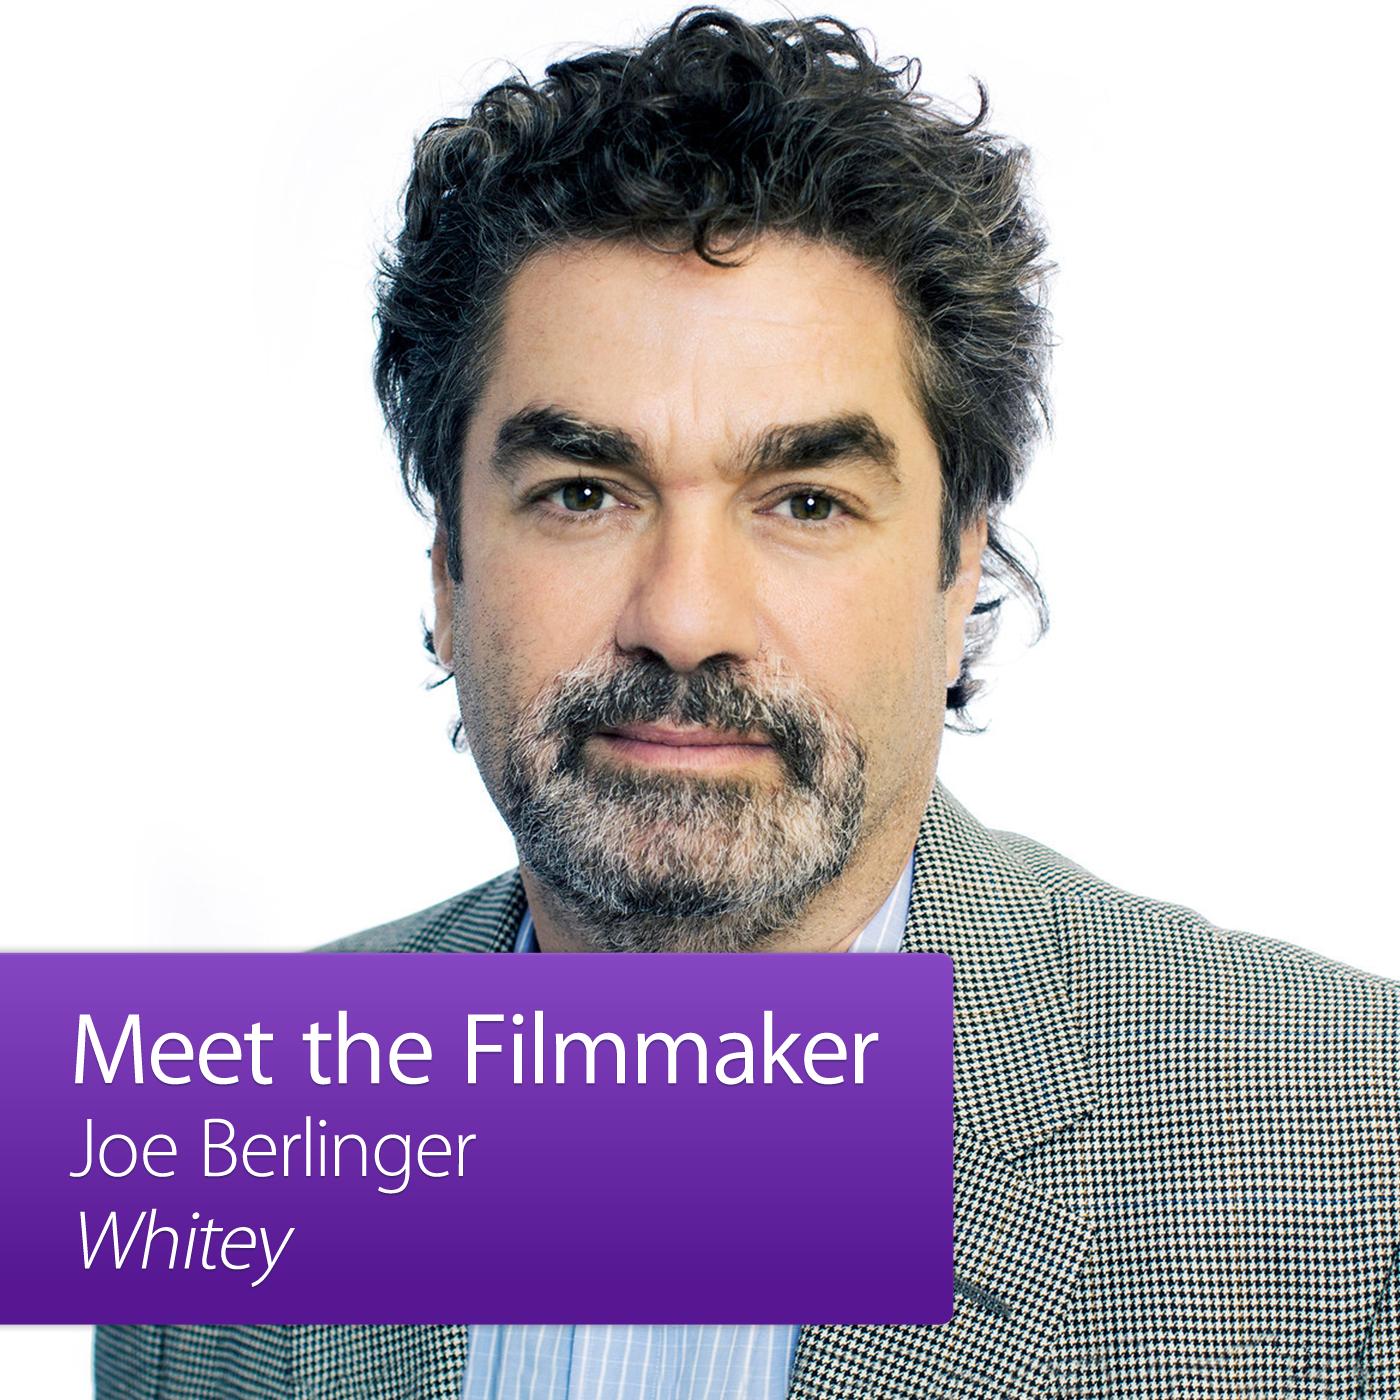 Joe Berlinger: Meet the Filmmaker